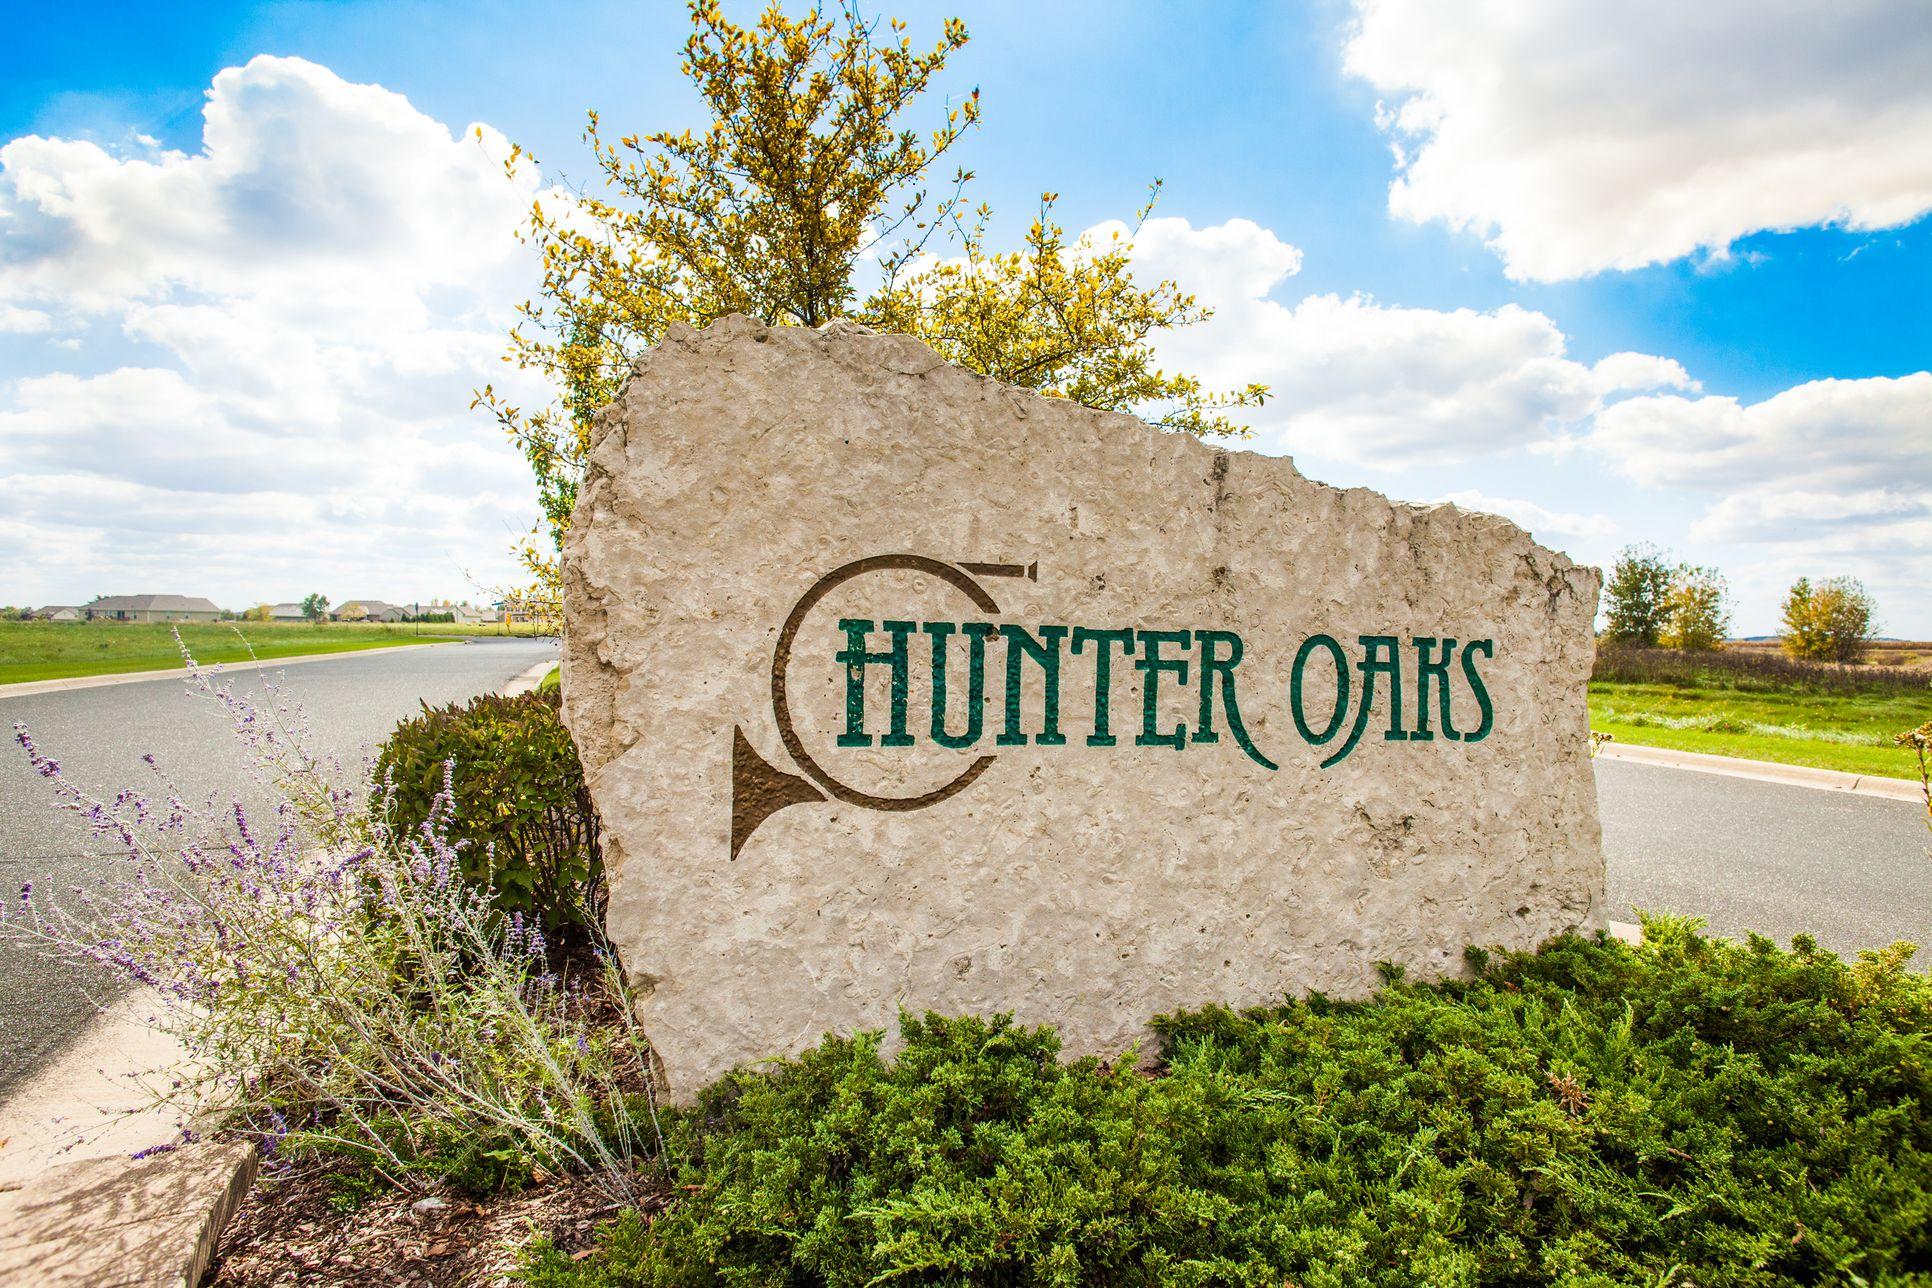 Hunter Oaks Entrance